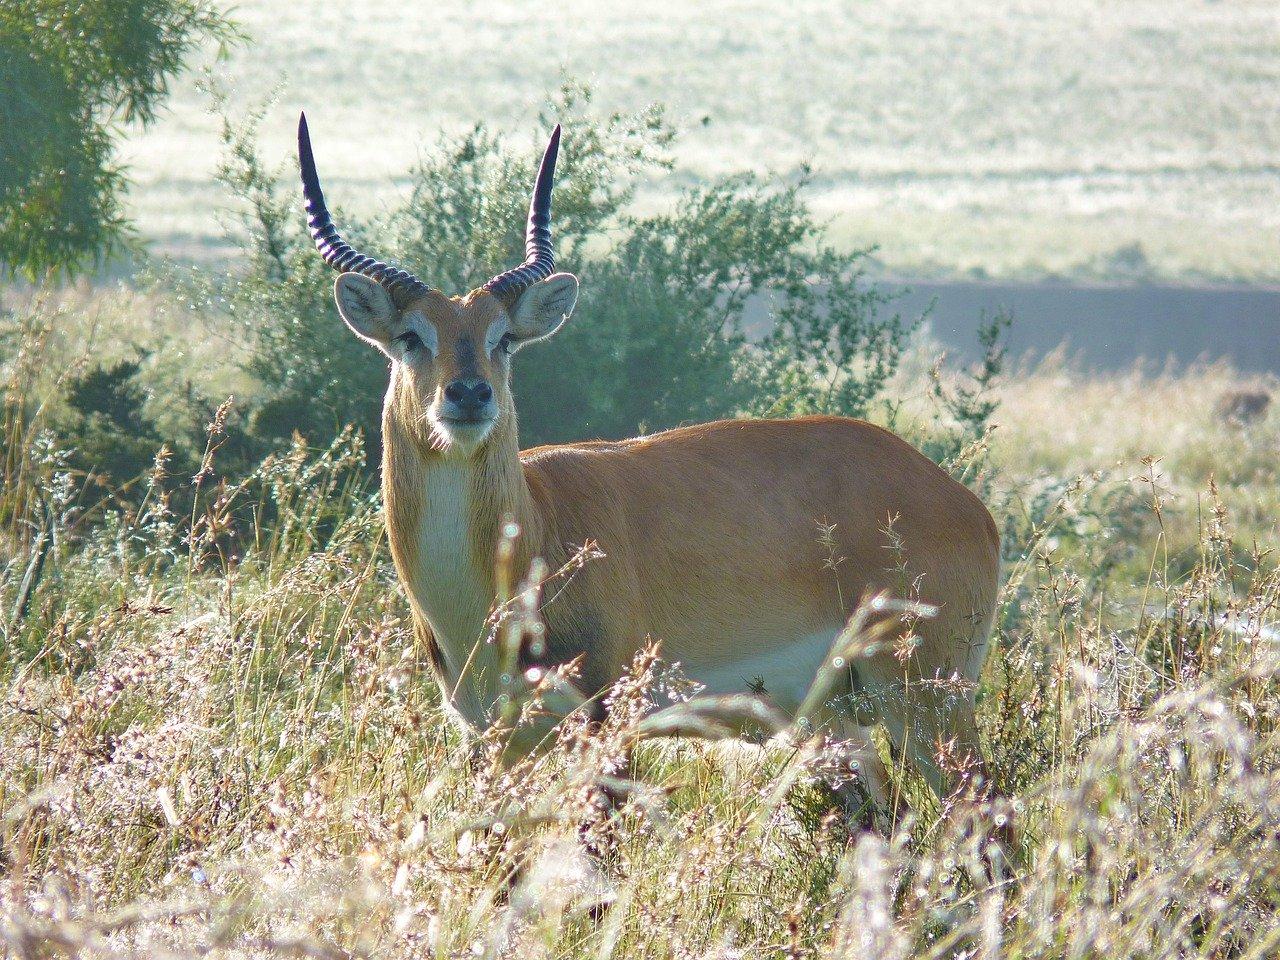 Moorantilope Steckbrief – Aussehen, Lebensraum & Lebensweise, Fortpflanzung, Feinde